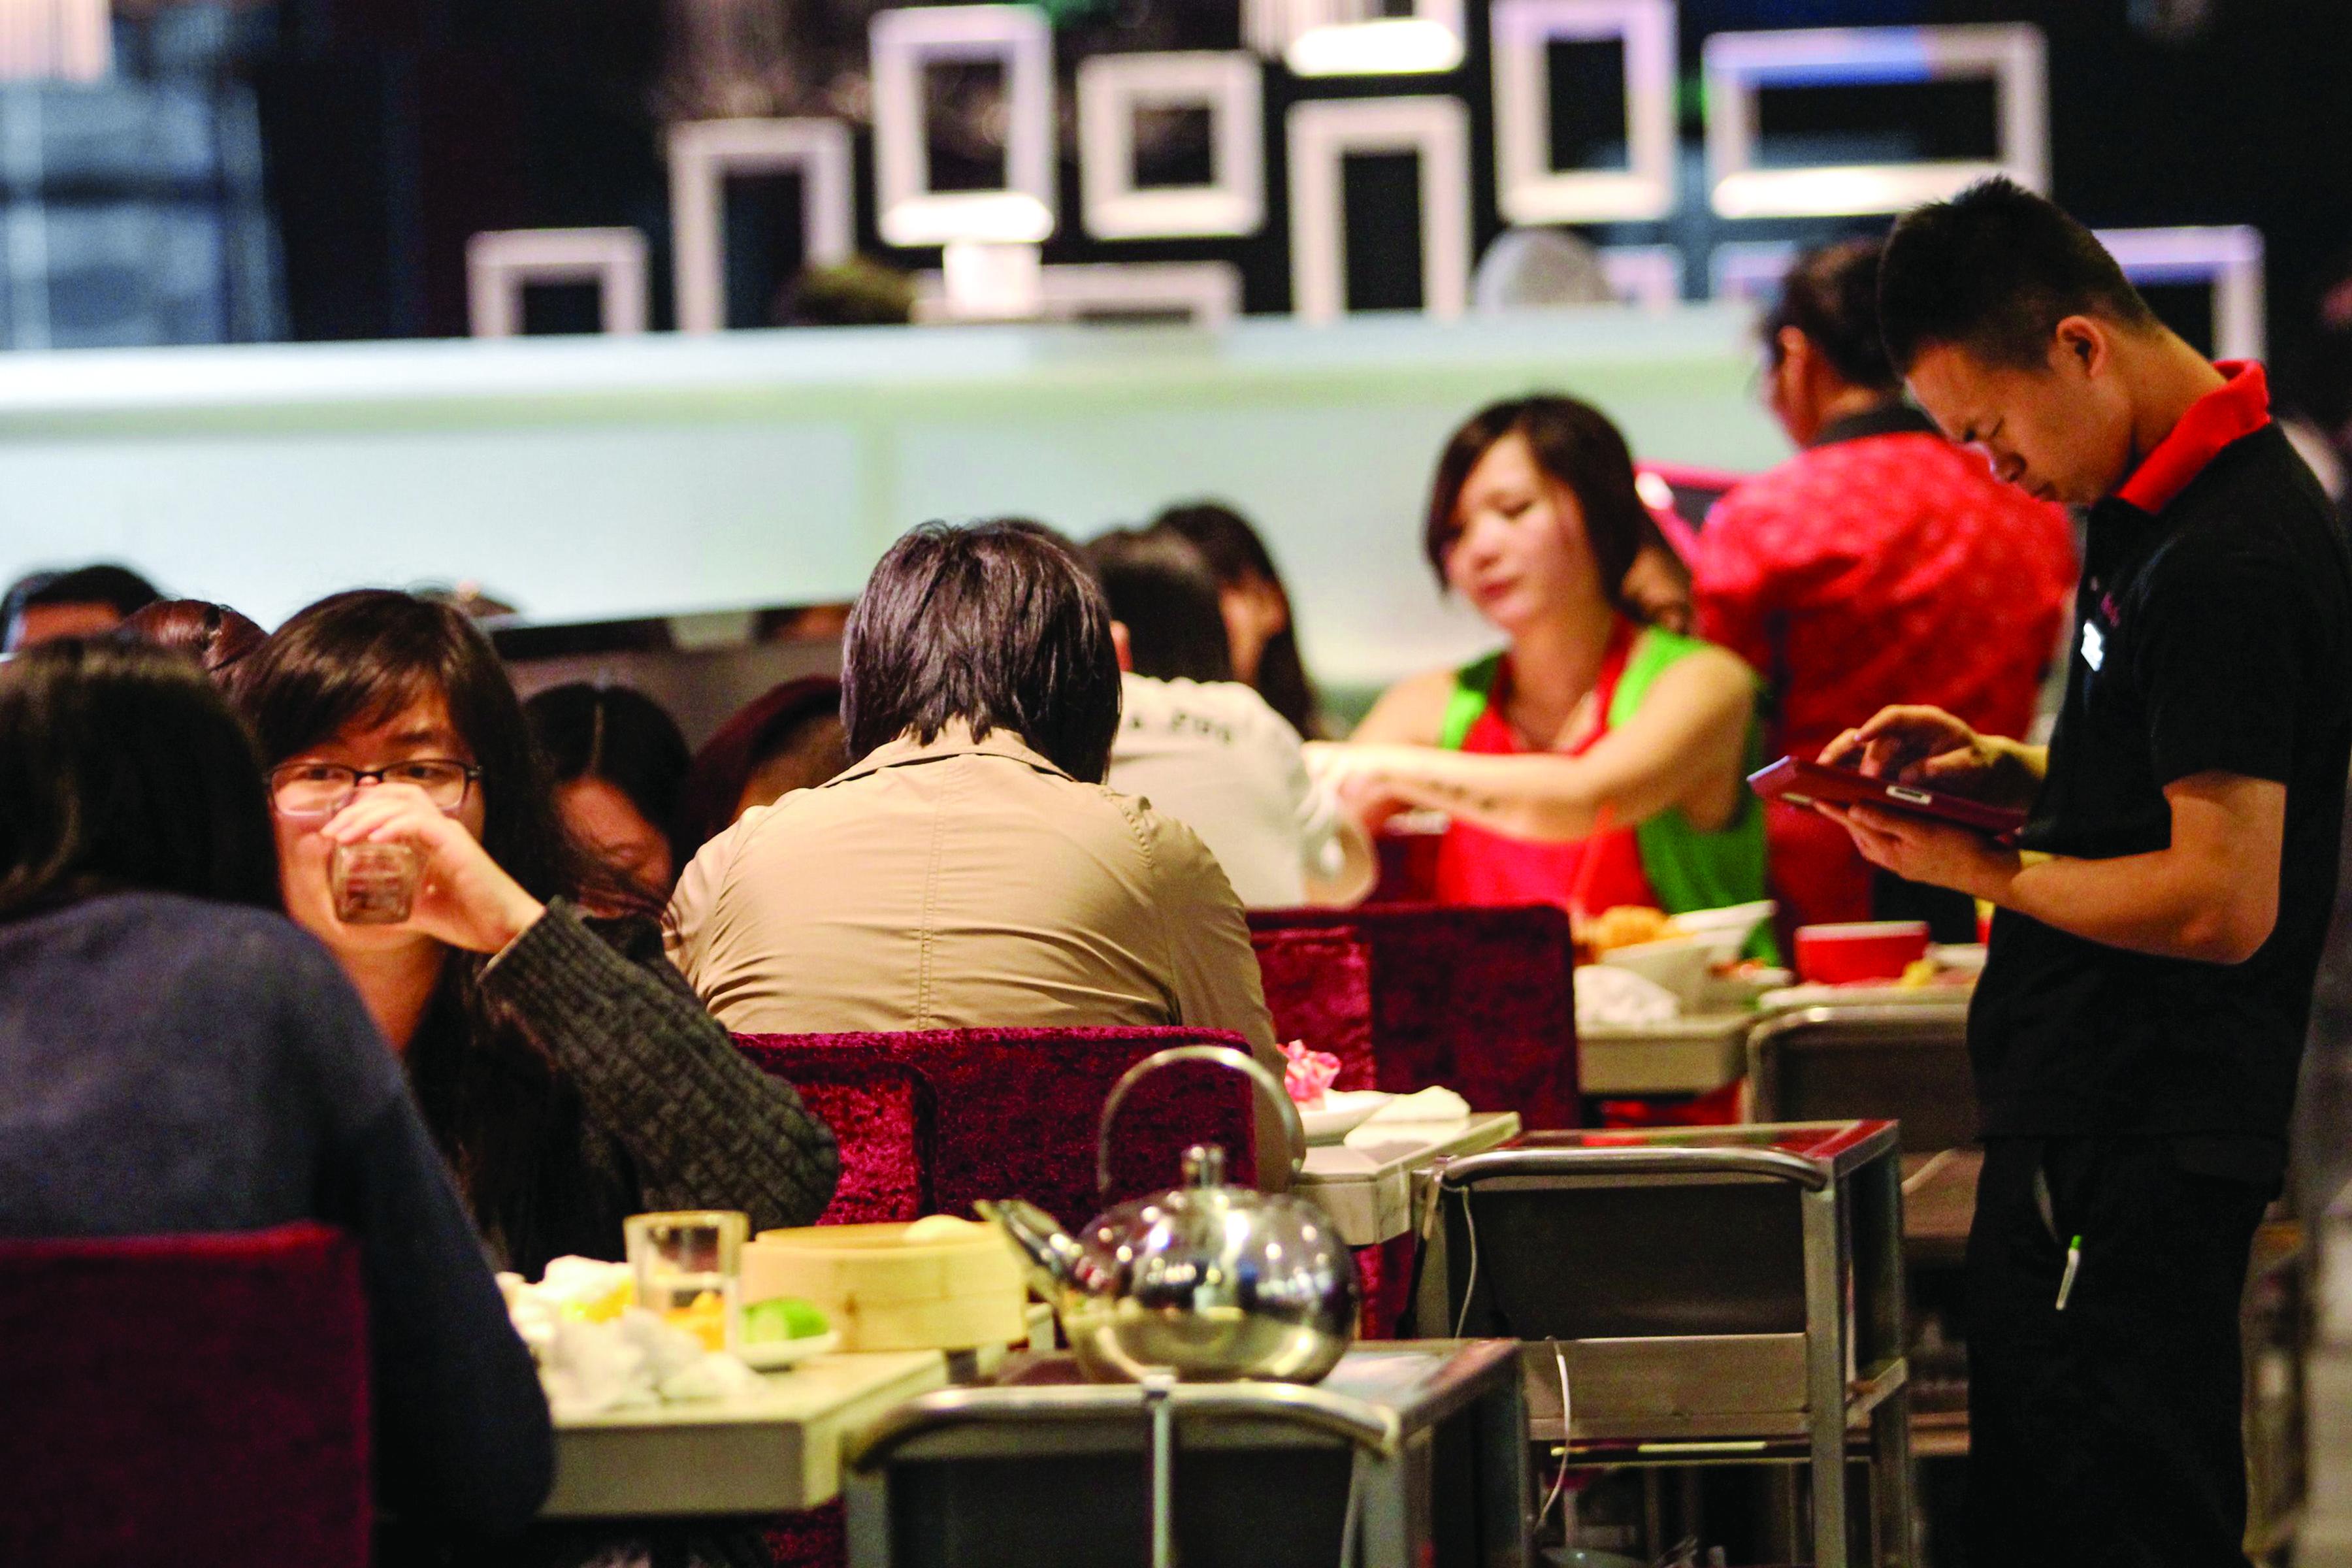 Chinese hot pot chain Hai Di Lao makes move to U.S.